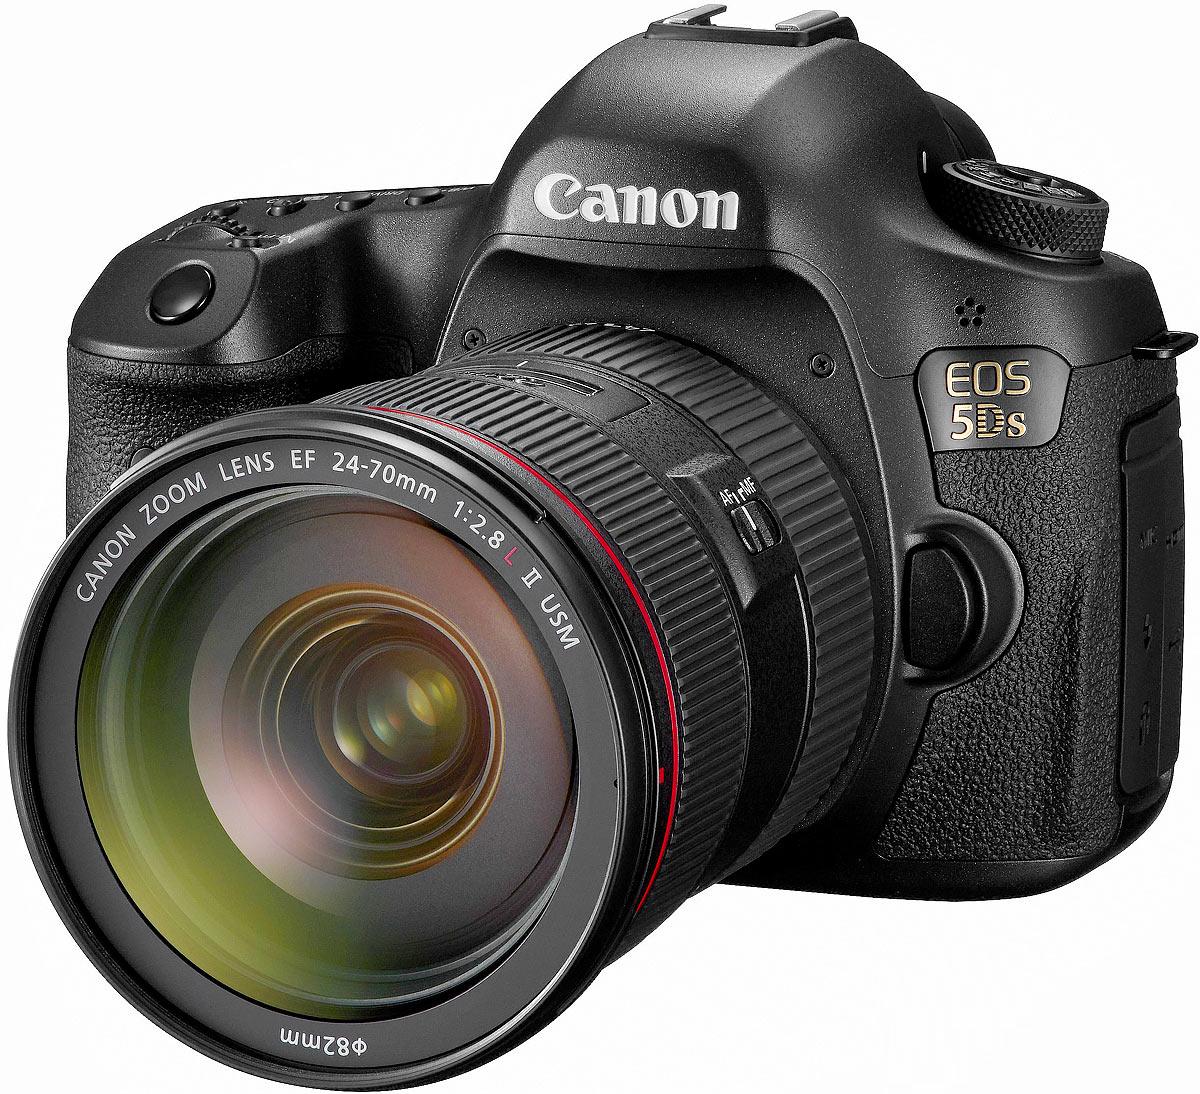 Canon tähistab 13. järjestikust aastat ülemaailmse vahetatava objektiiviga digitaalkaamerate turu esinumbrina